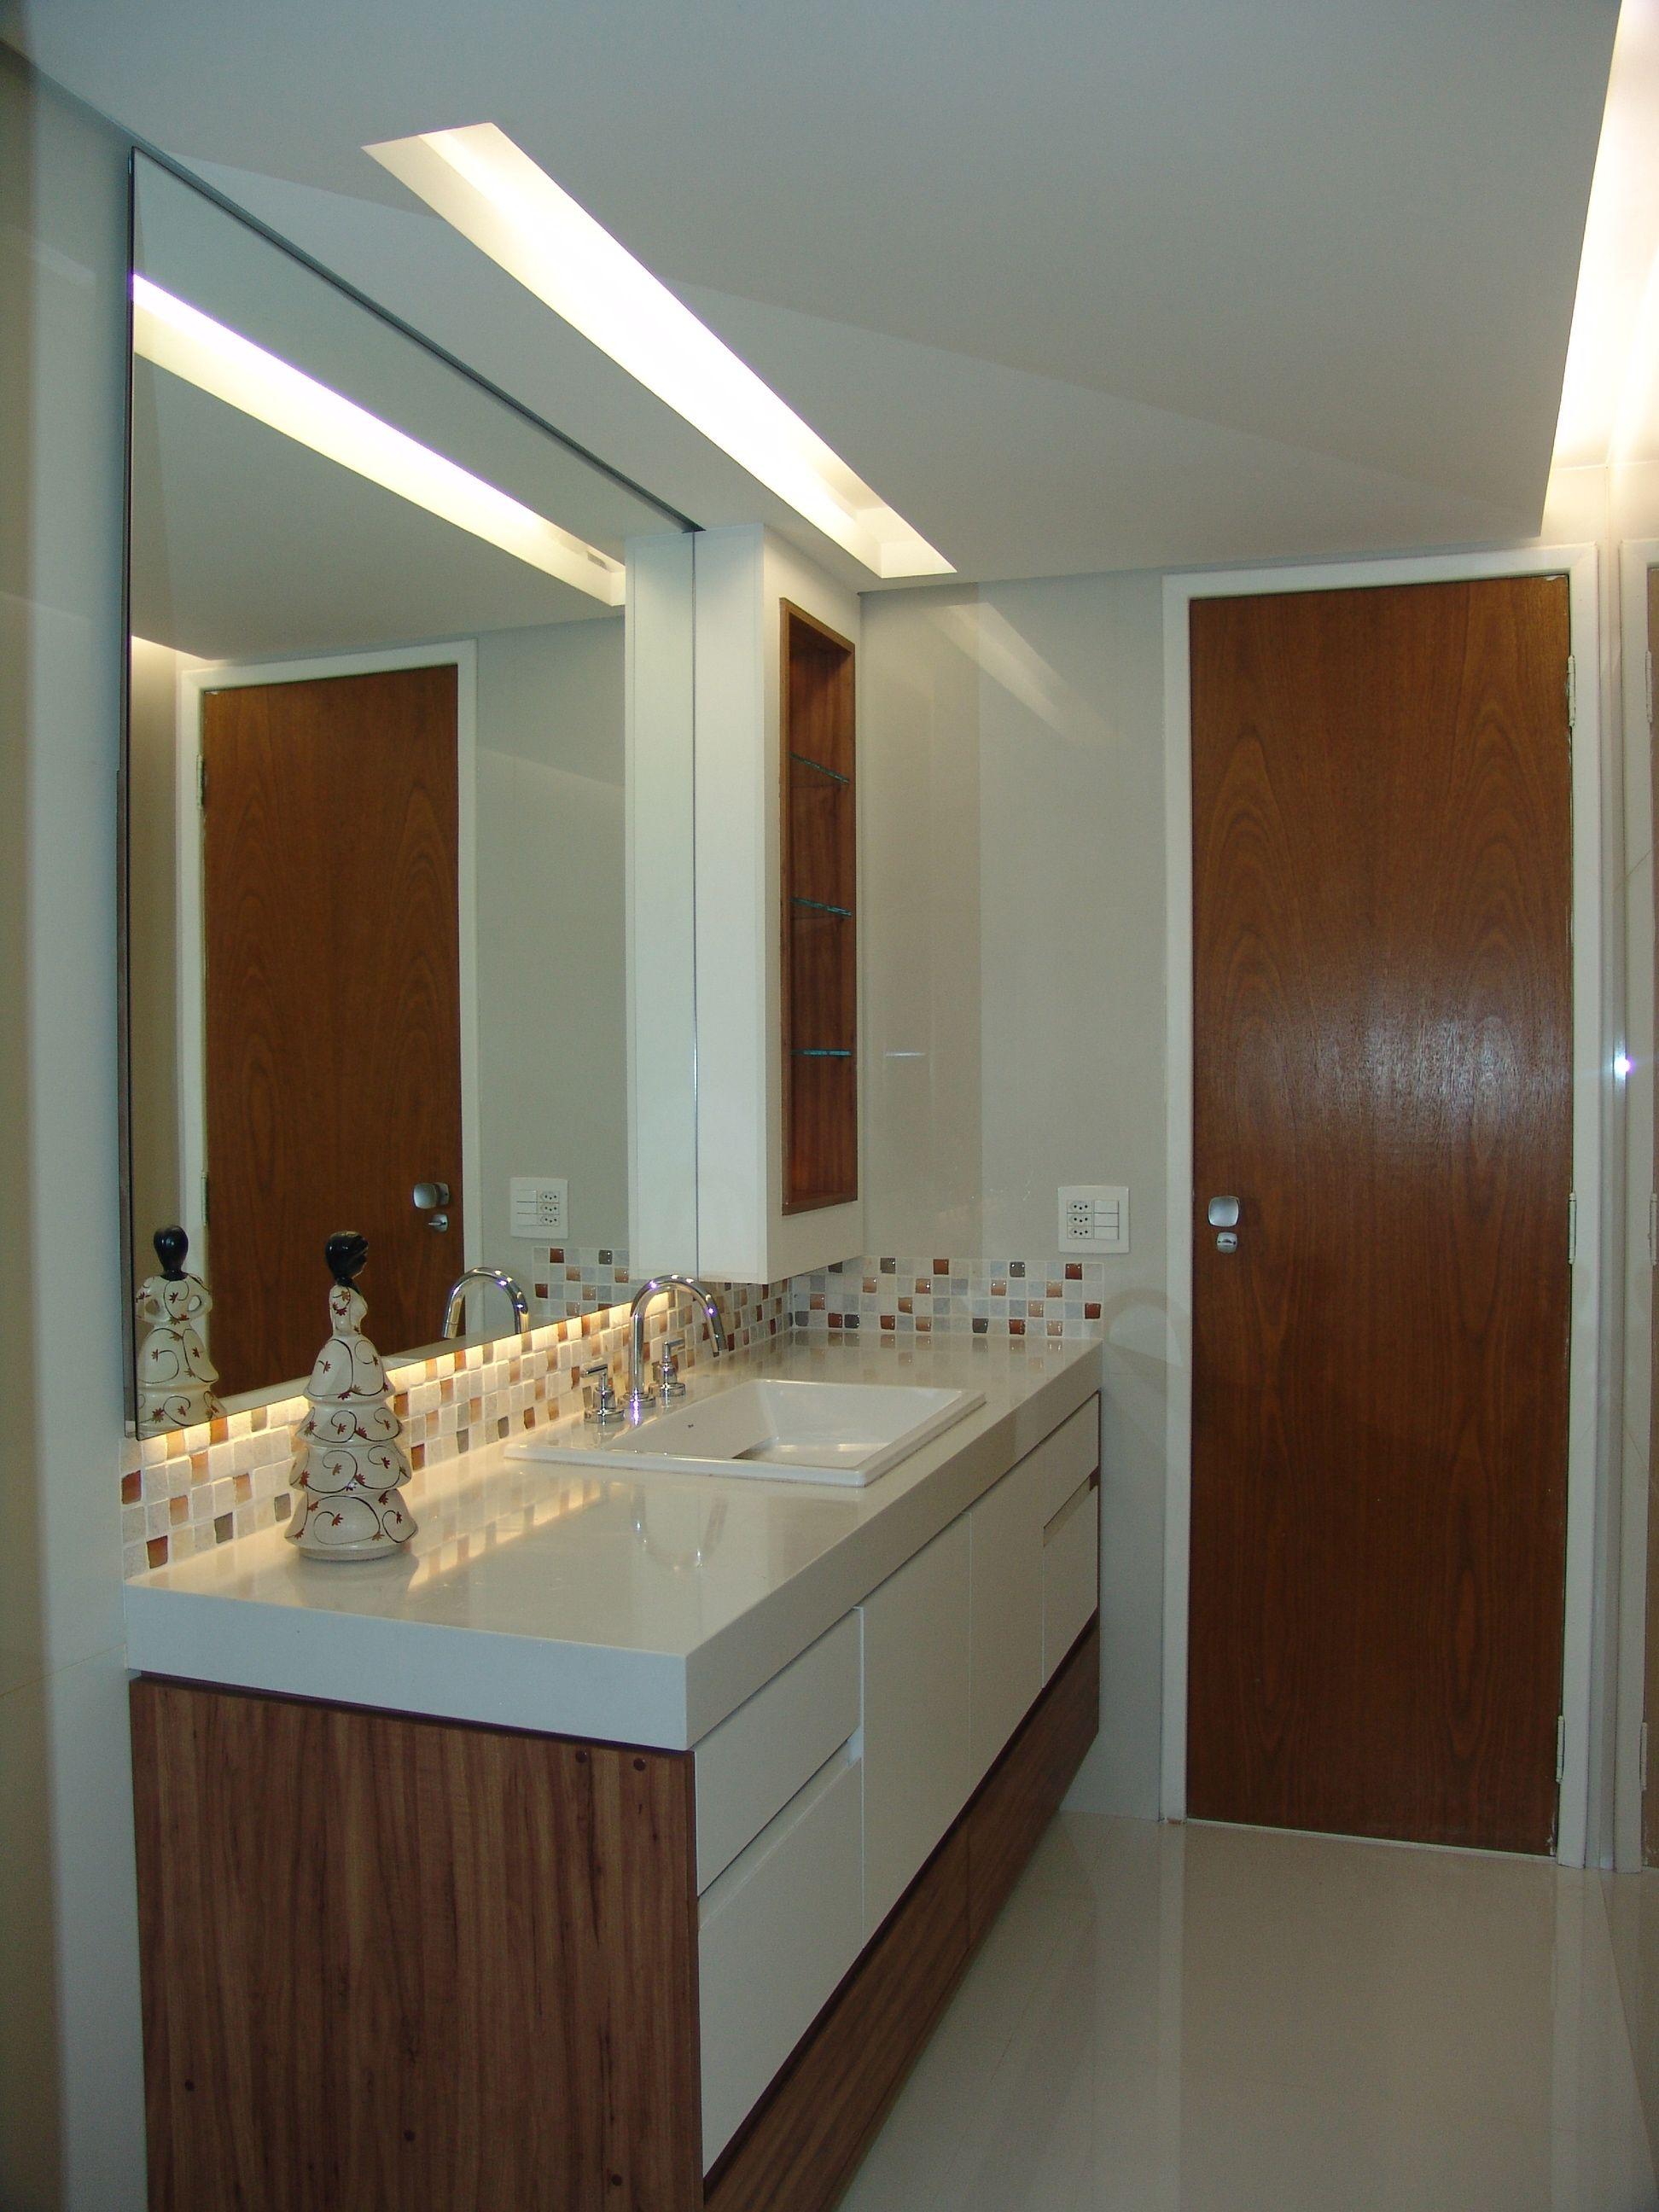 luminaria no espelho do banheiro Pesquisa Google bathroom Luminaria banheiro, Decoraç u00e3o